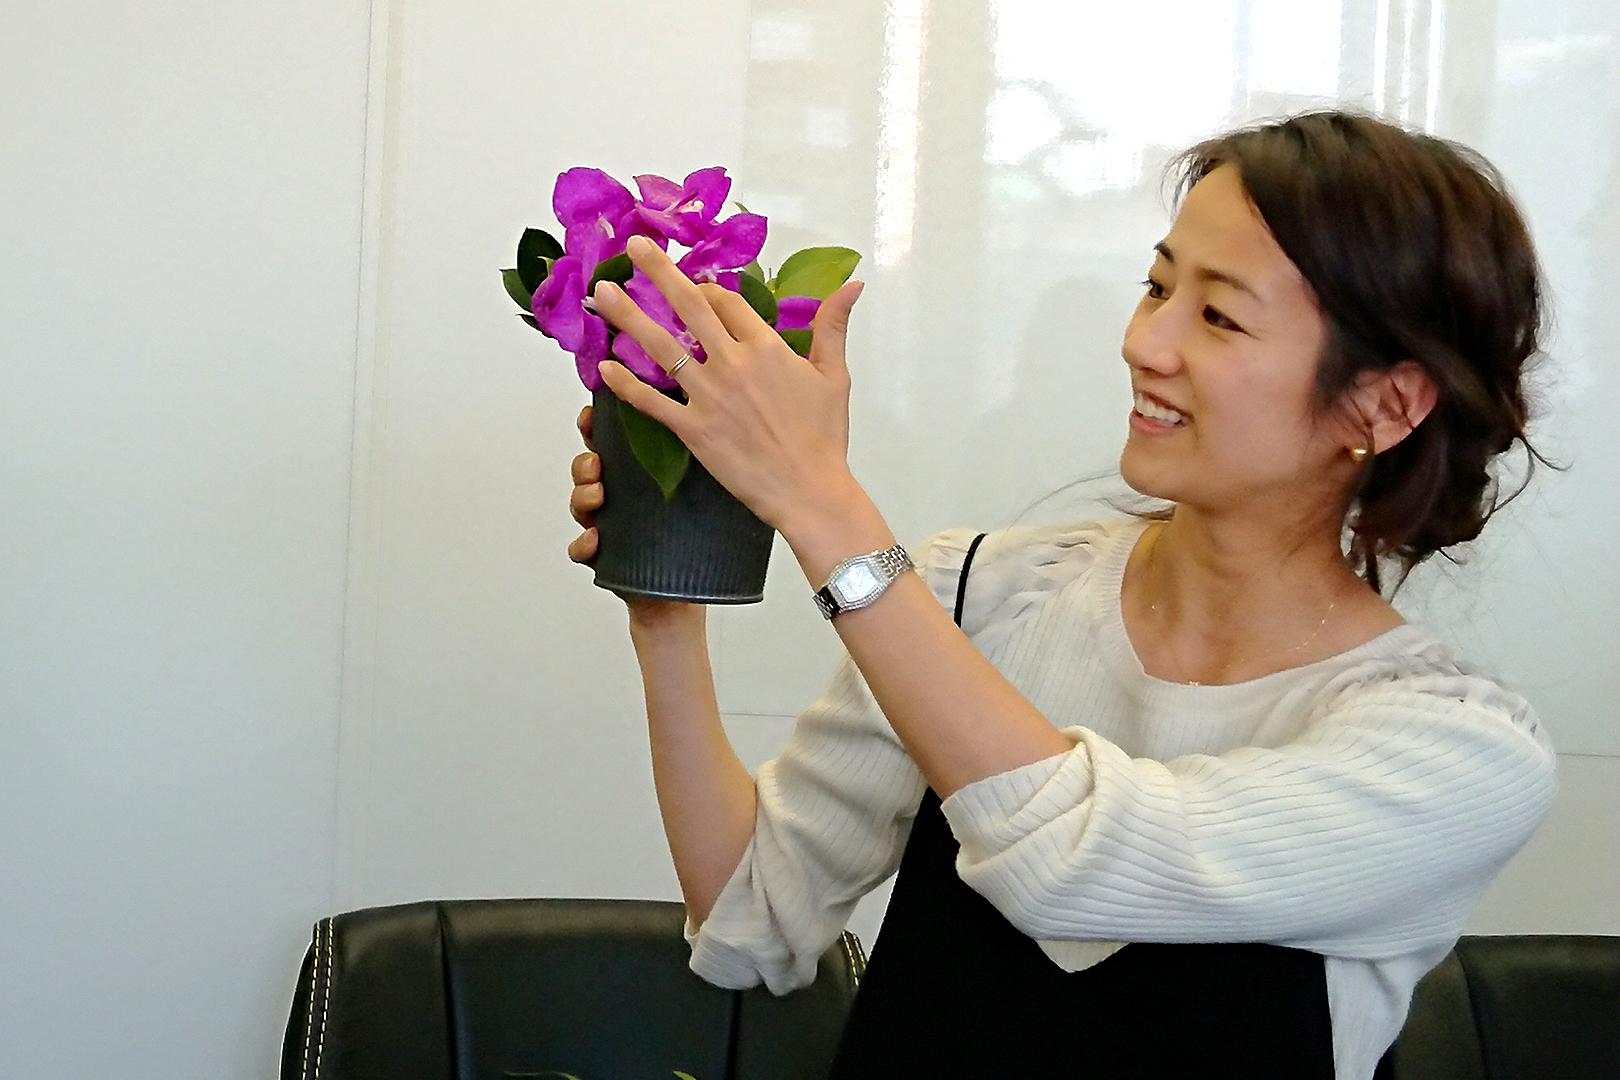 仕事と育児を両立している、フラワーデザインを監修している前田有紀さん